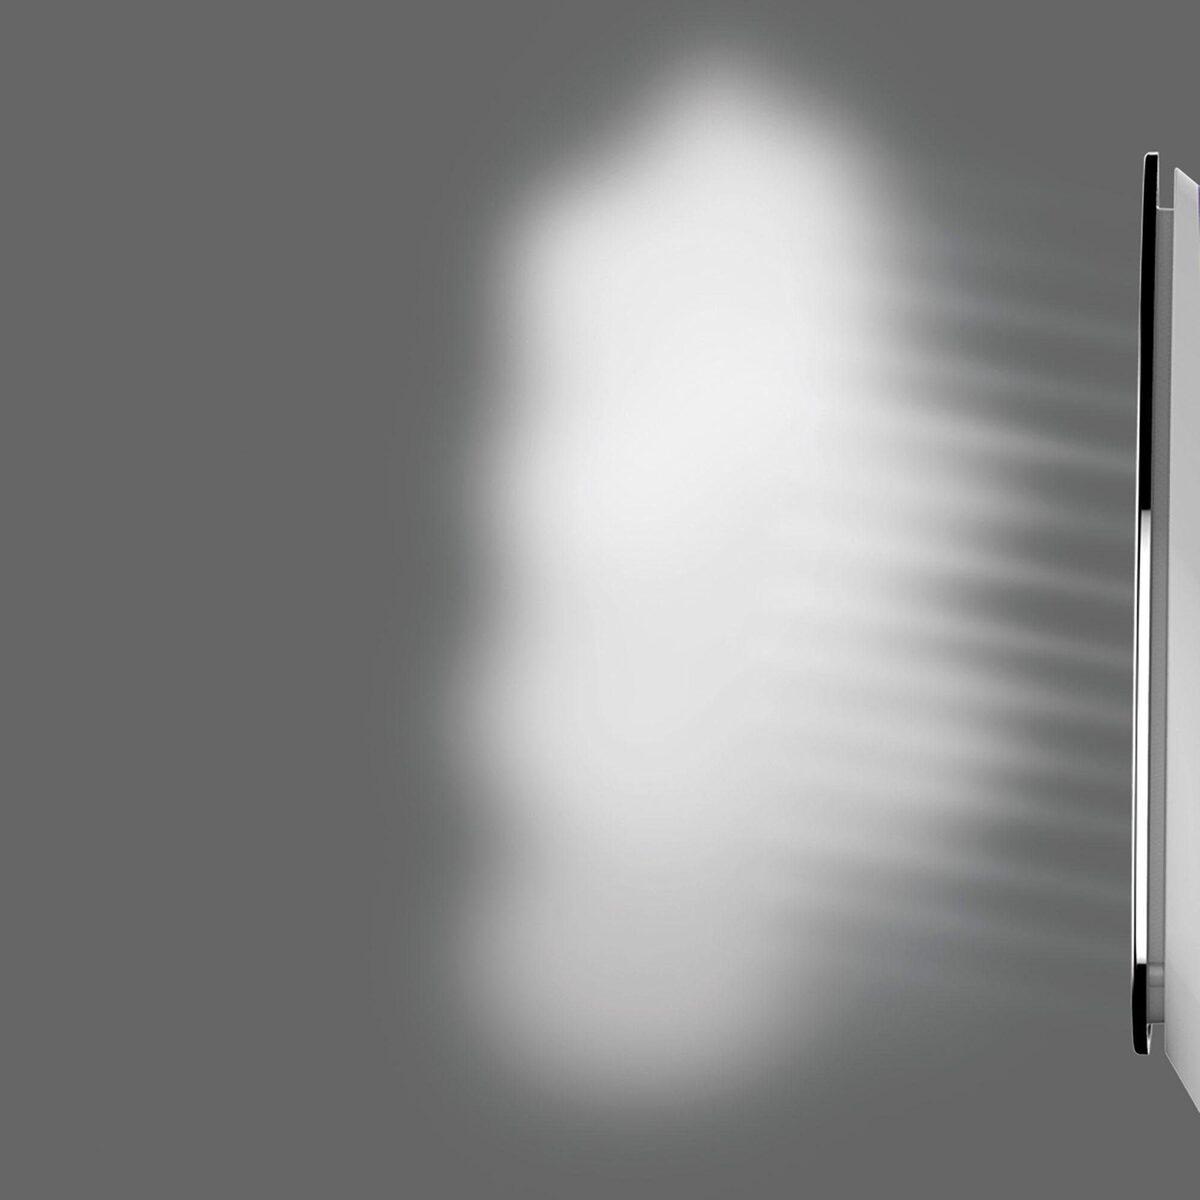 Bild 5 von AEG Dampfbügeleisen EasyLine DB 1720, 2200 W